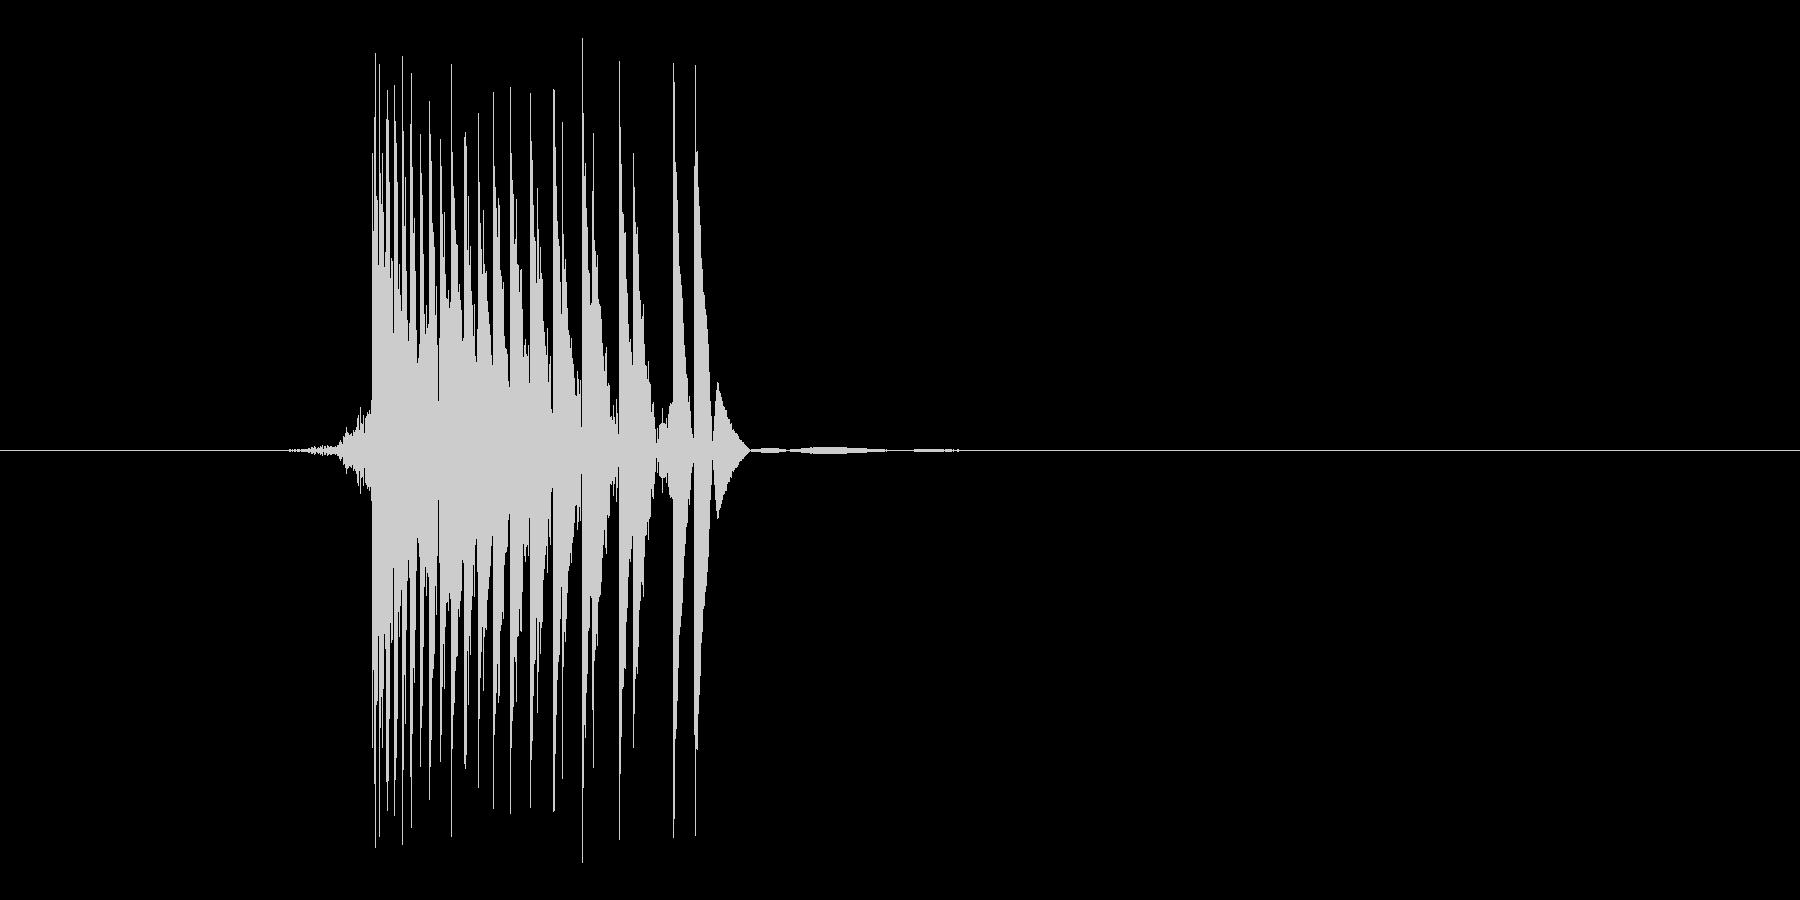 ゲーム(ファミコン風)レーザー音_044の未再生の波形